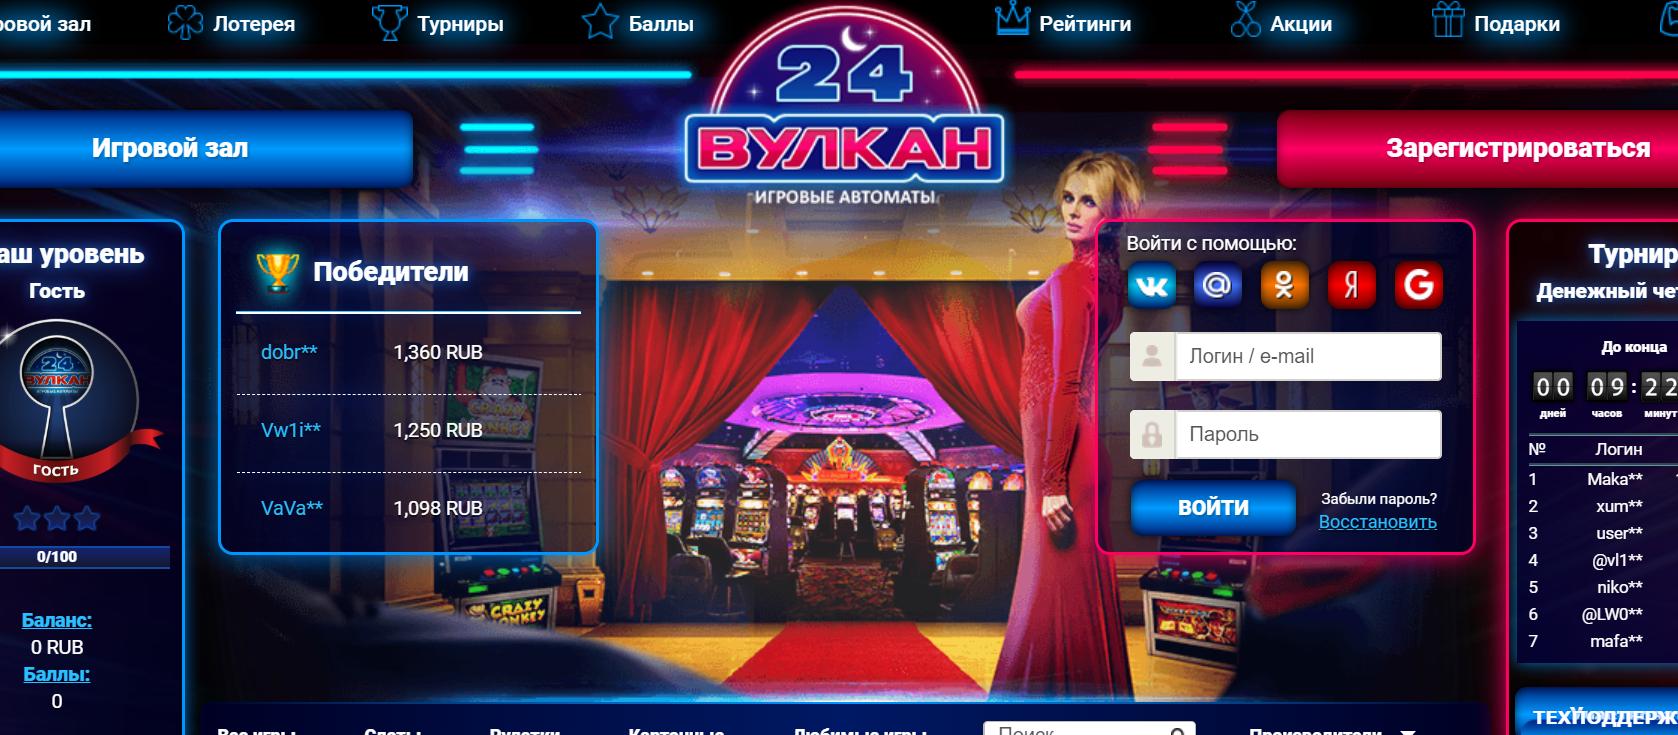 Быстрый способ получить деньги в казино Вулкан 24